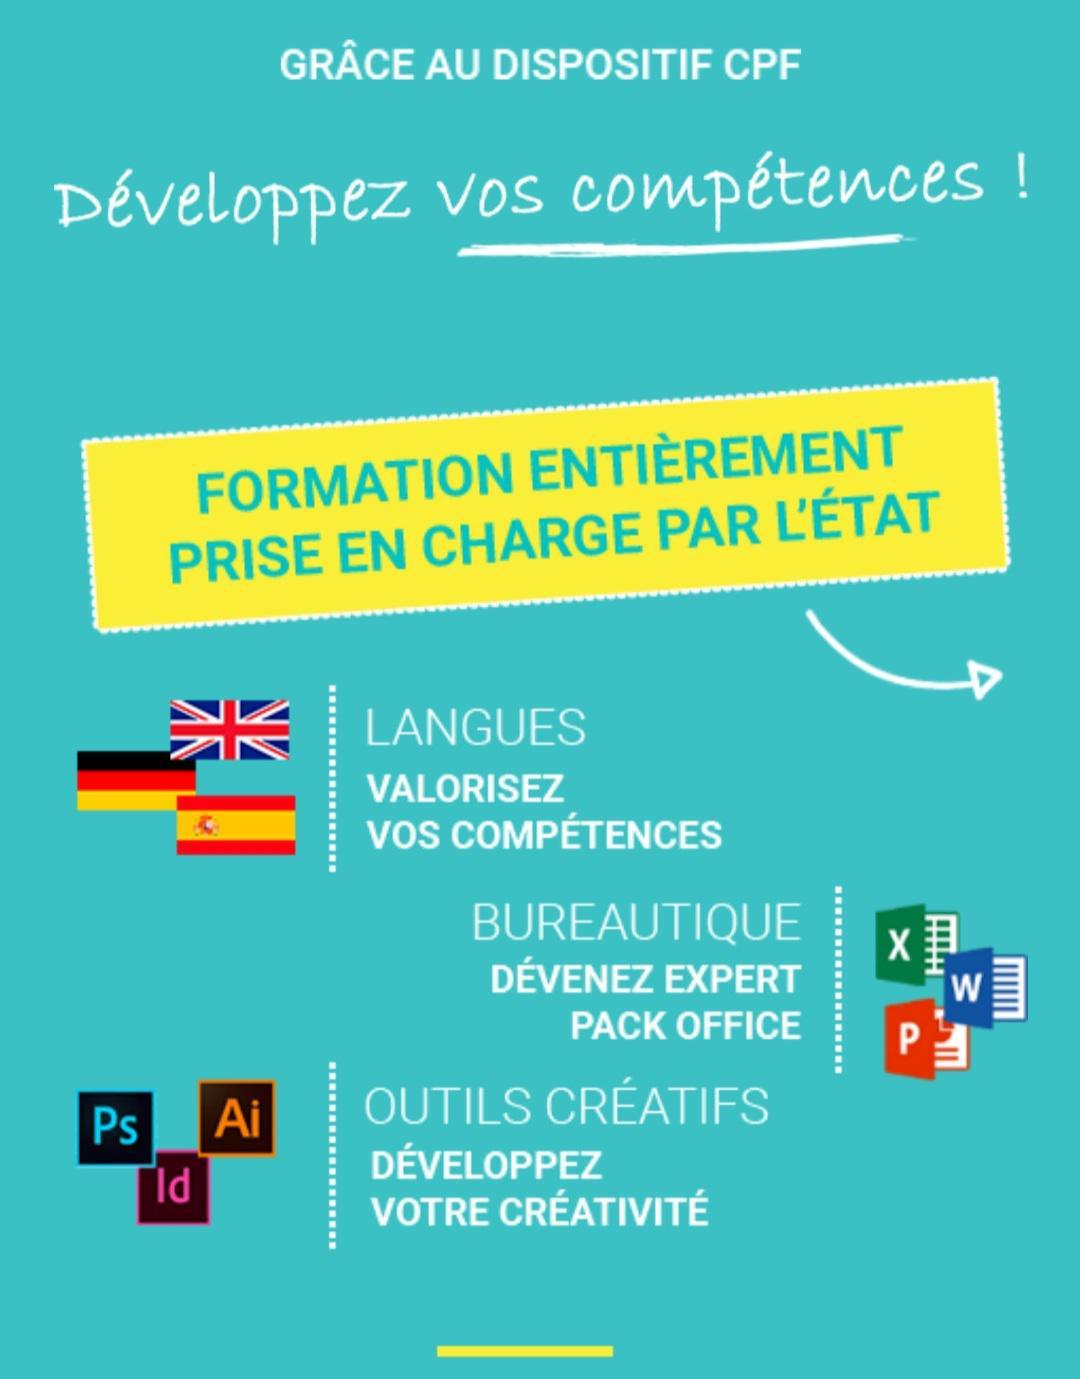 CPF Développez vos compétences!